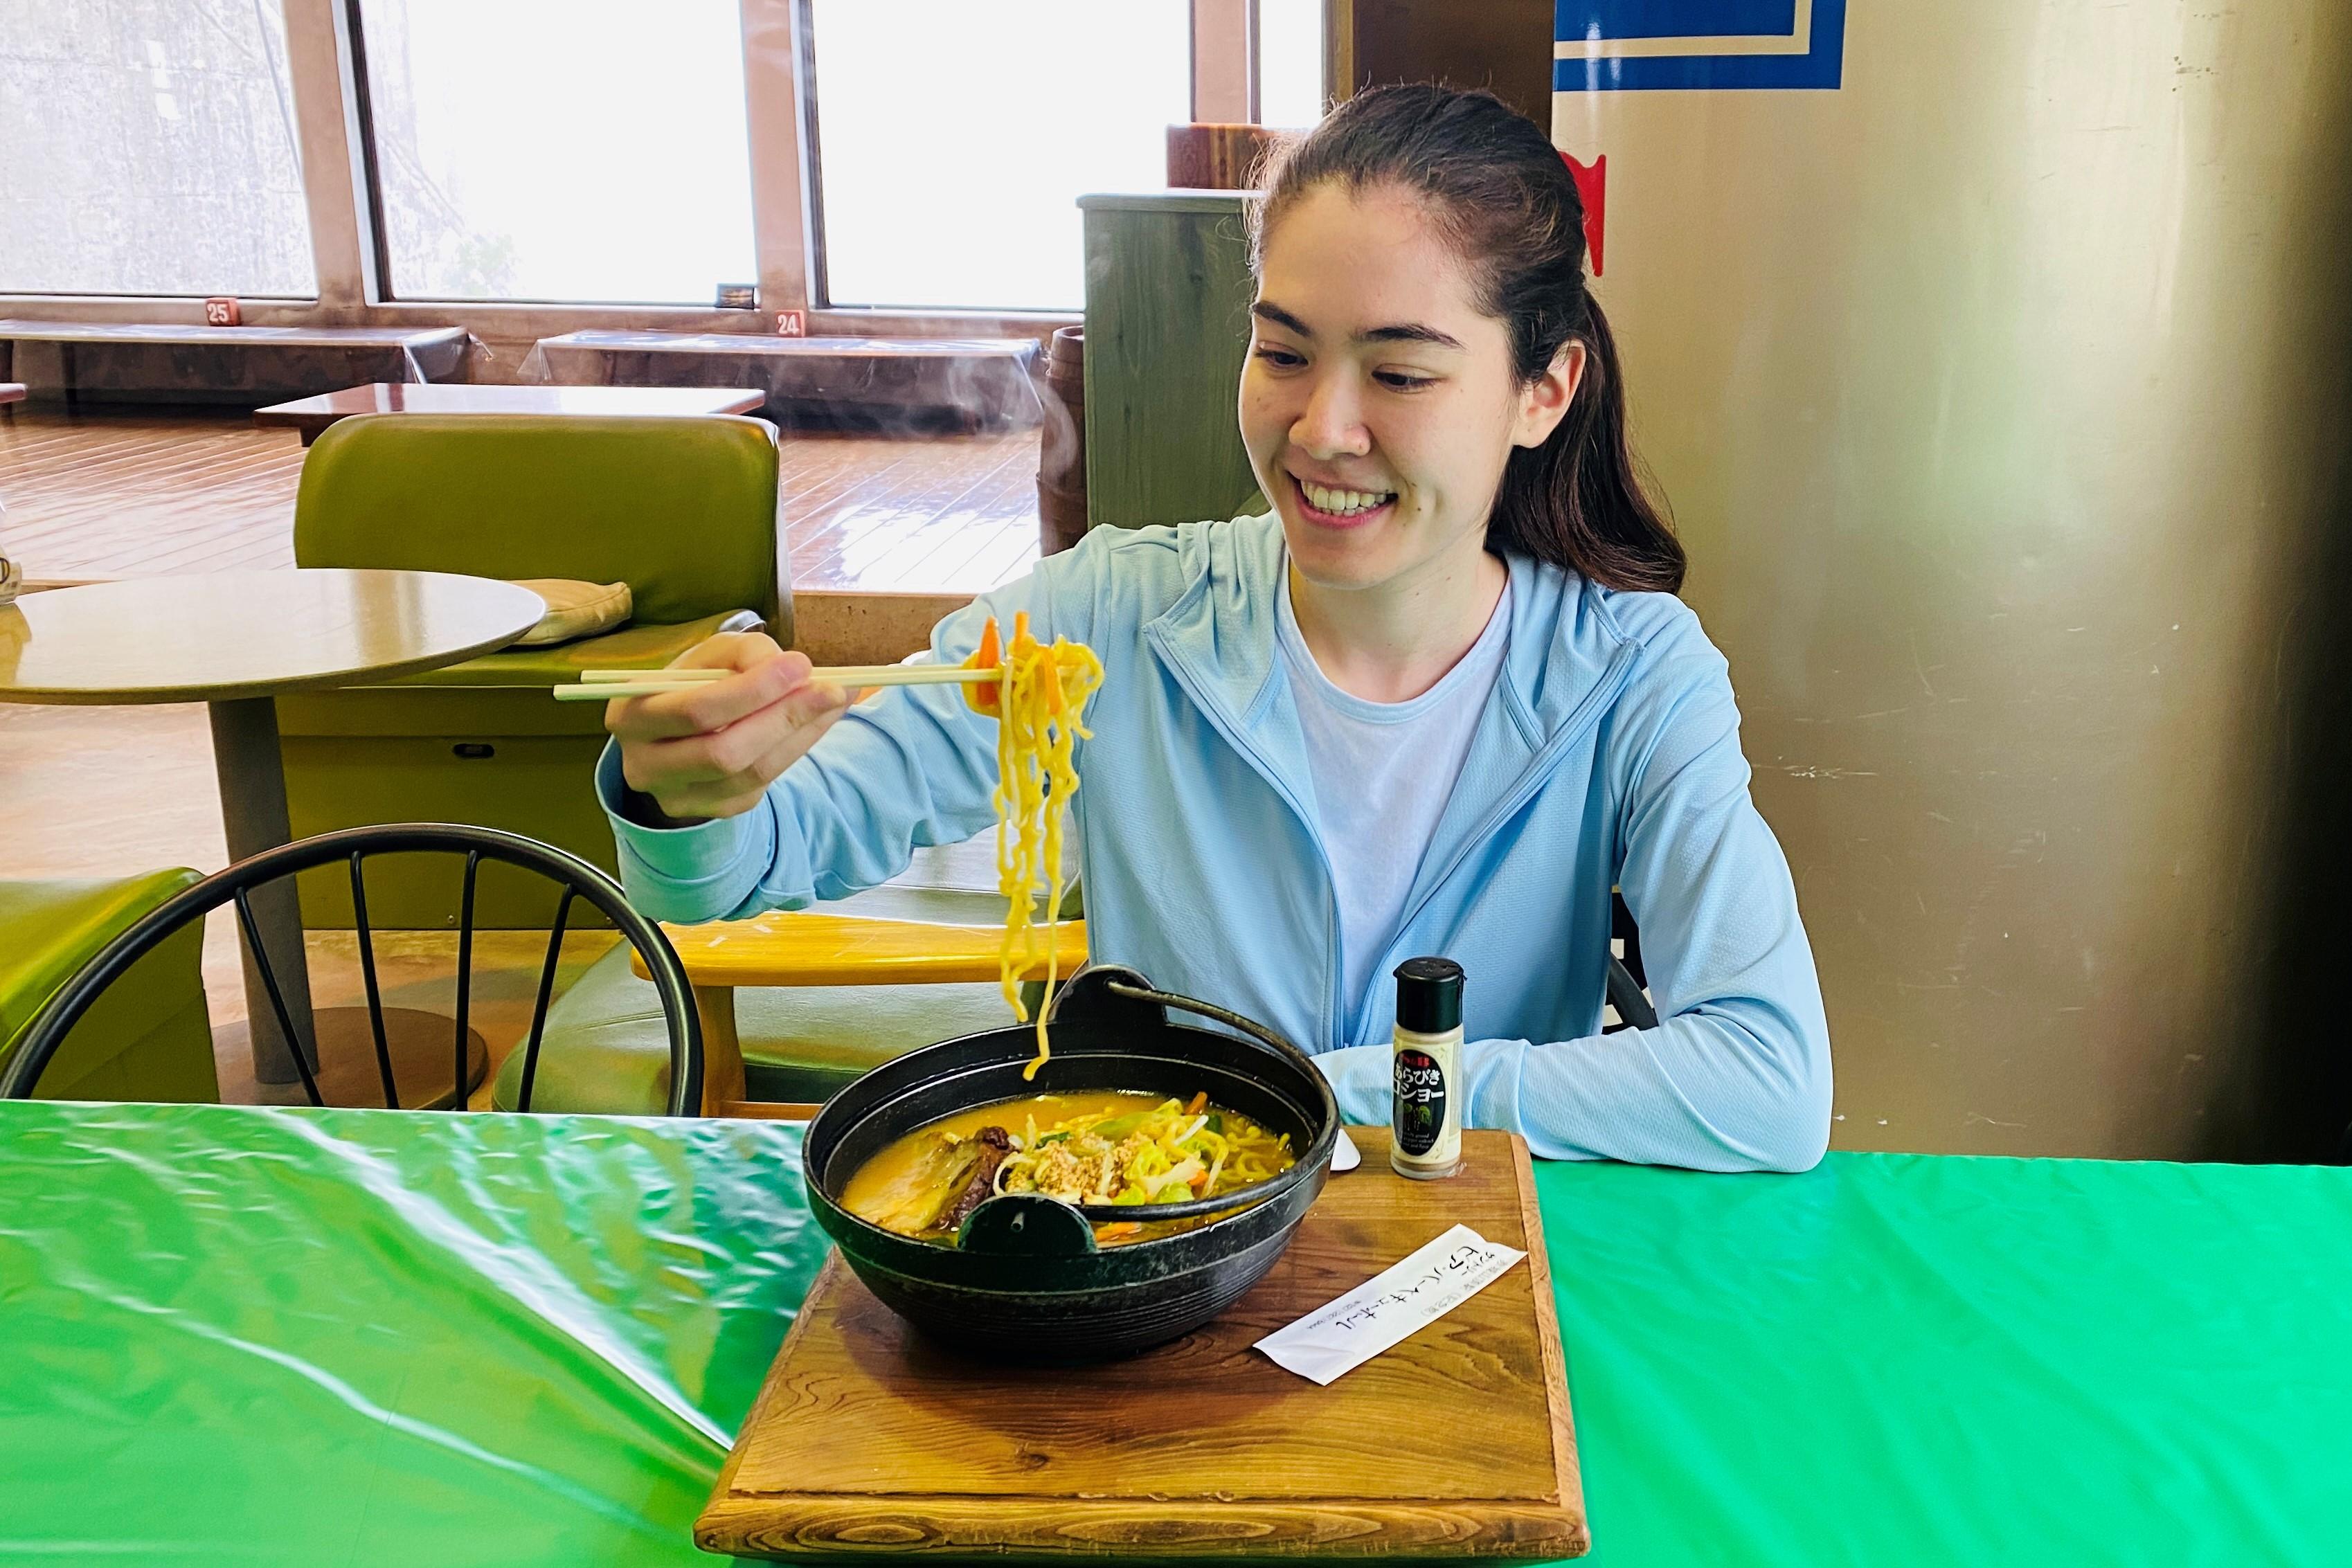 woman eating ramen noodle soup inside a restaurant